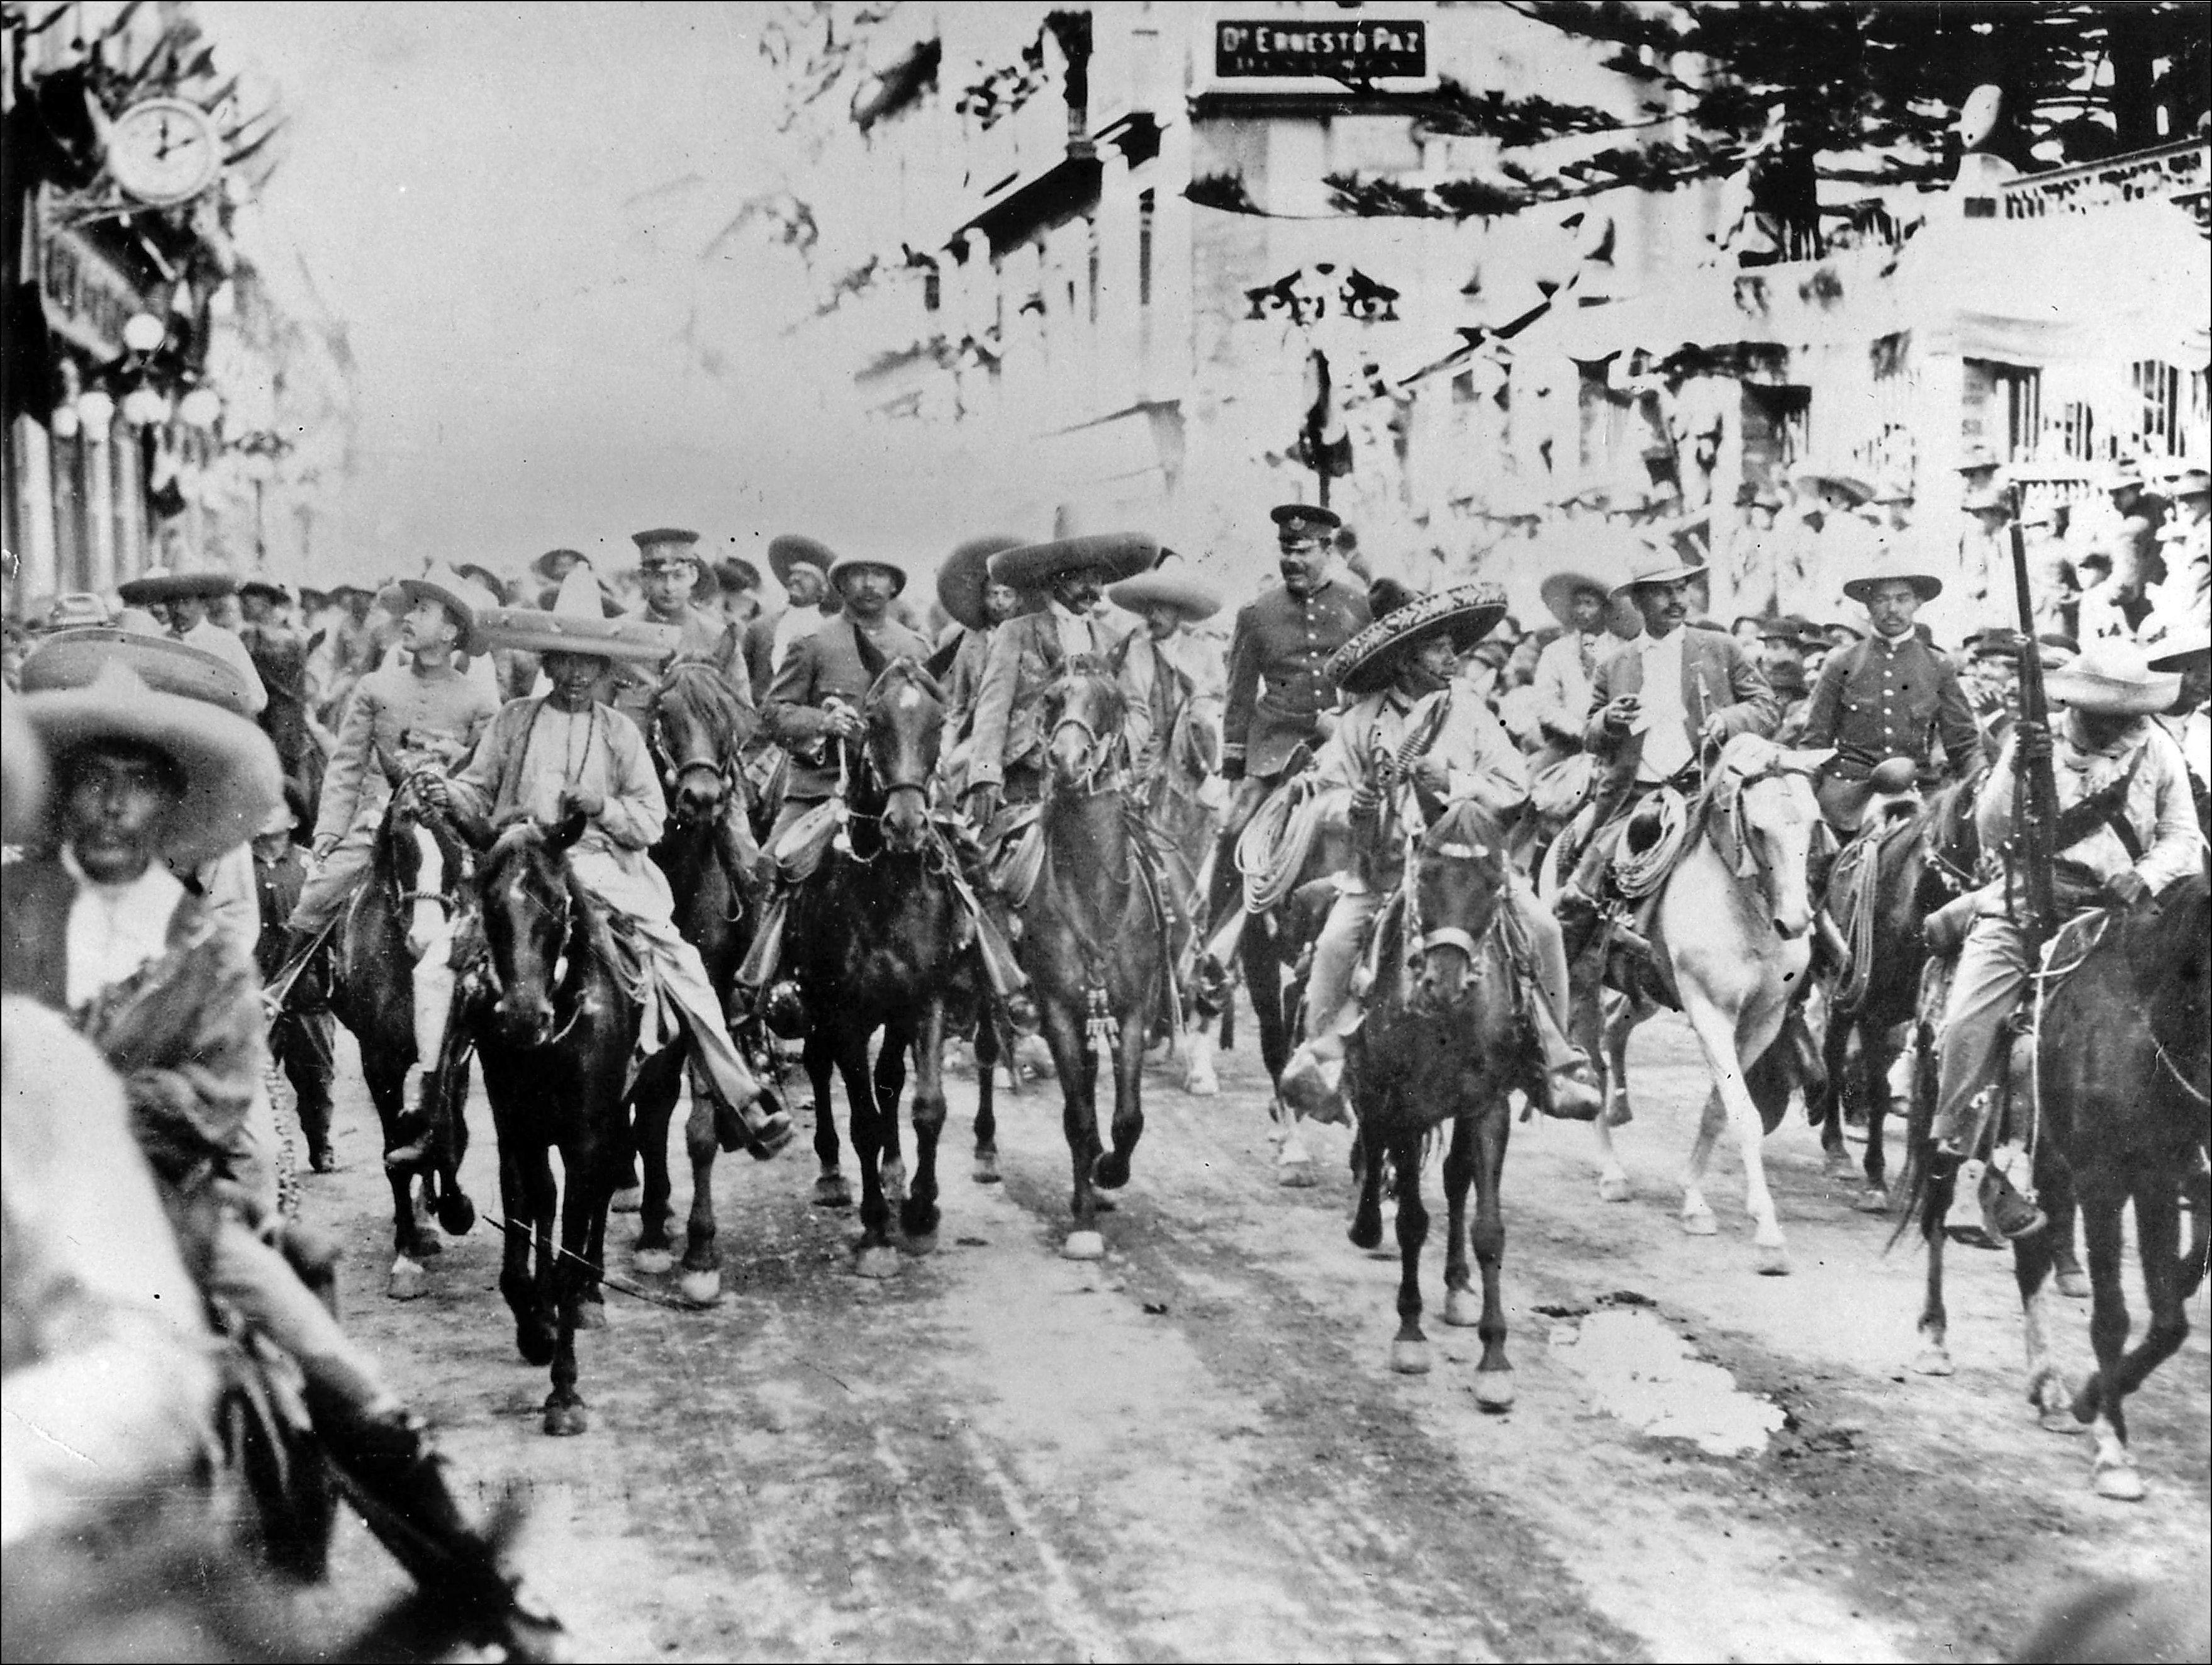 pancho villa s army in the mexican revolution historical pancho villa y zapata entrando triunfantes a ciudad de meacutexico